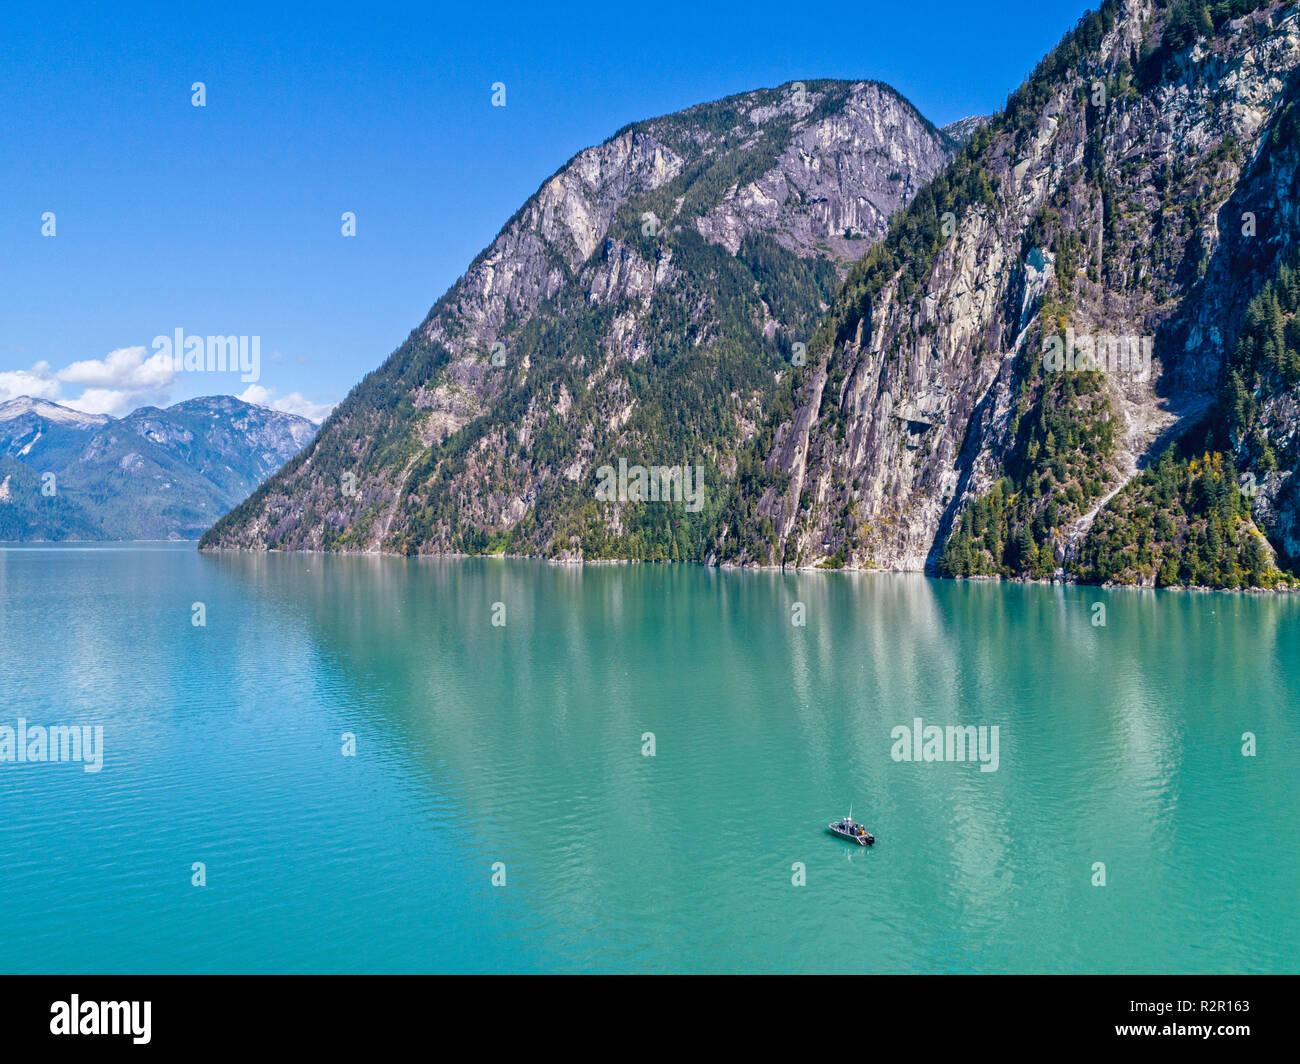 Tour in barca 'Ambient Light', Vancouver Island tour foto, in ingresso del cavaliere, Prime Nazioni Territorio, British Columbia, Canada Immagini Stock